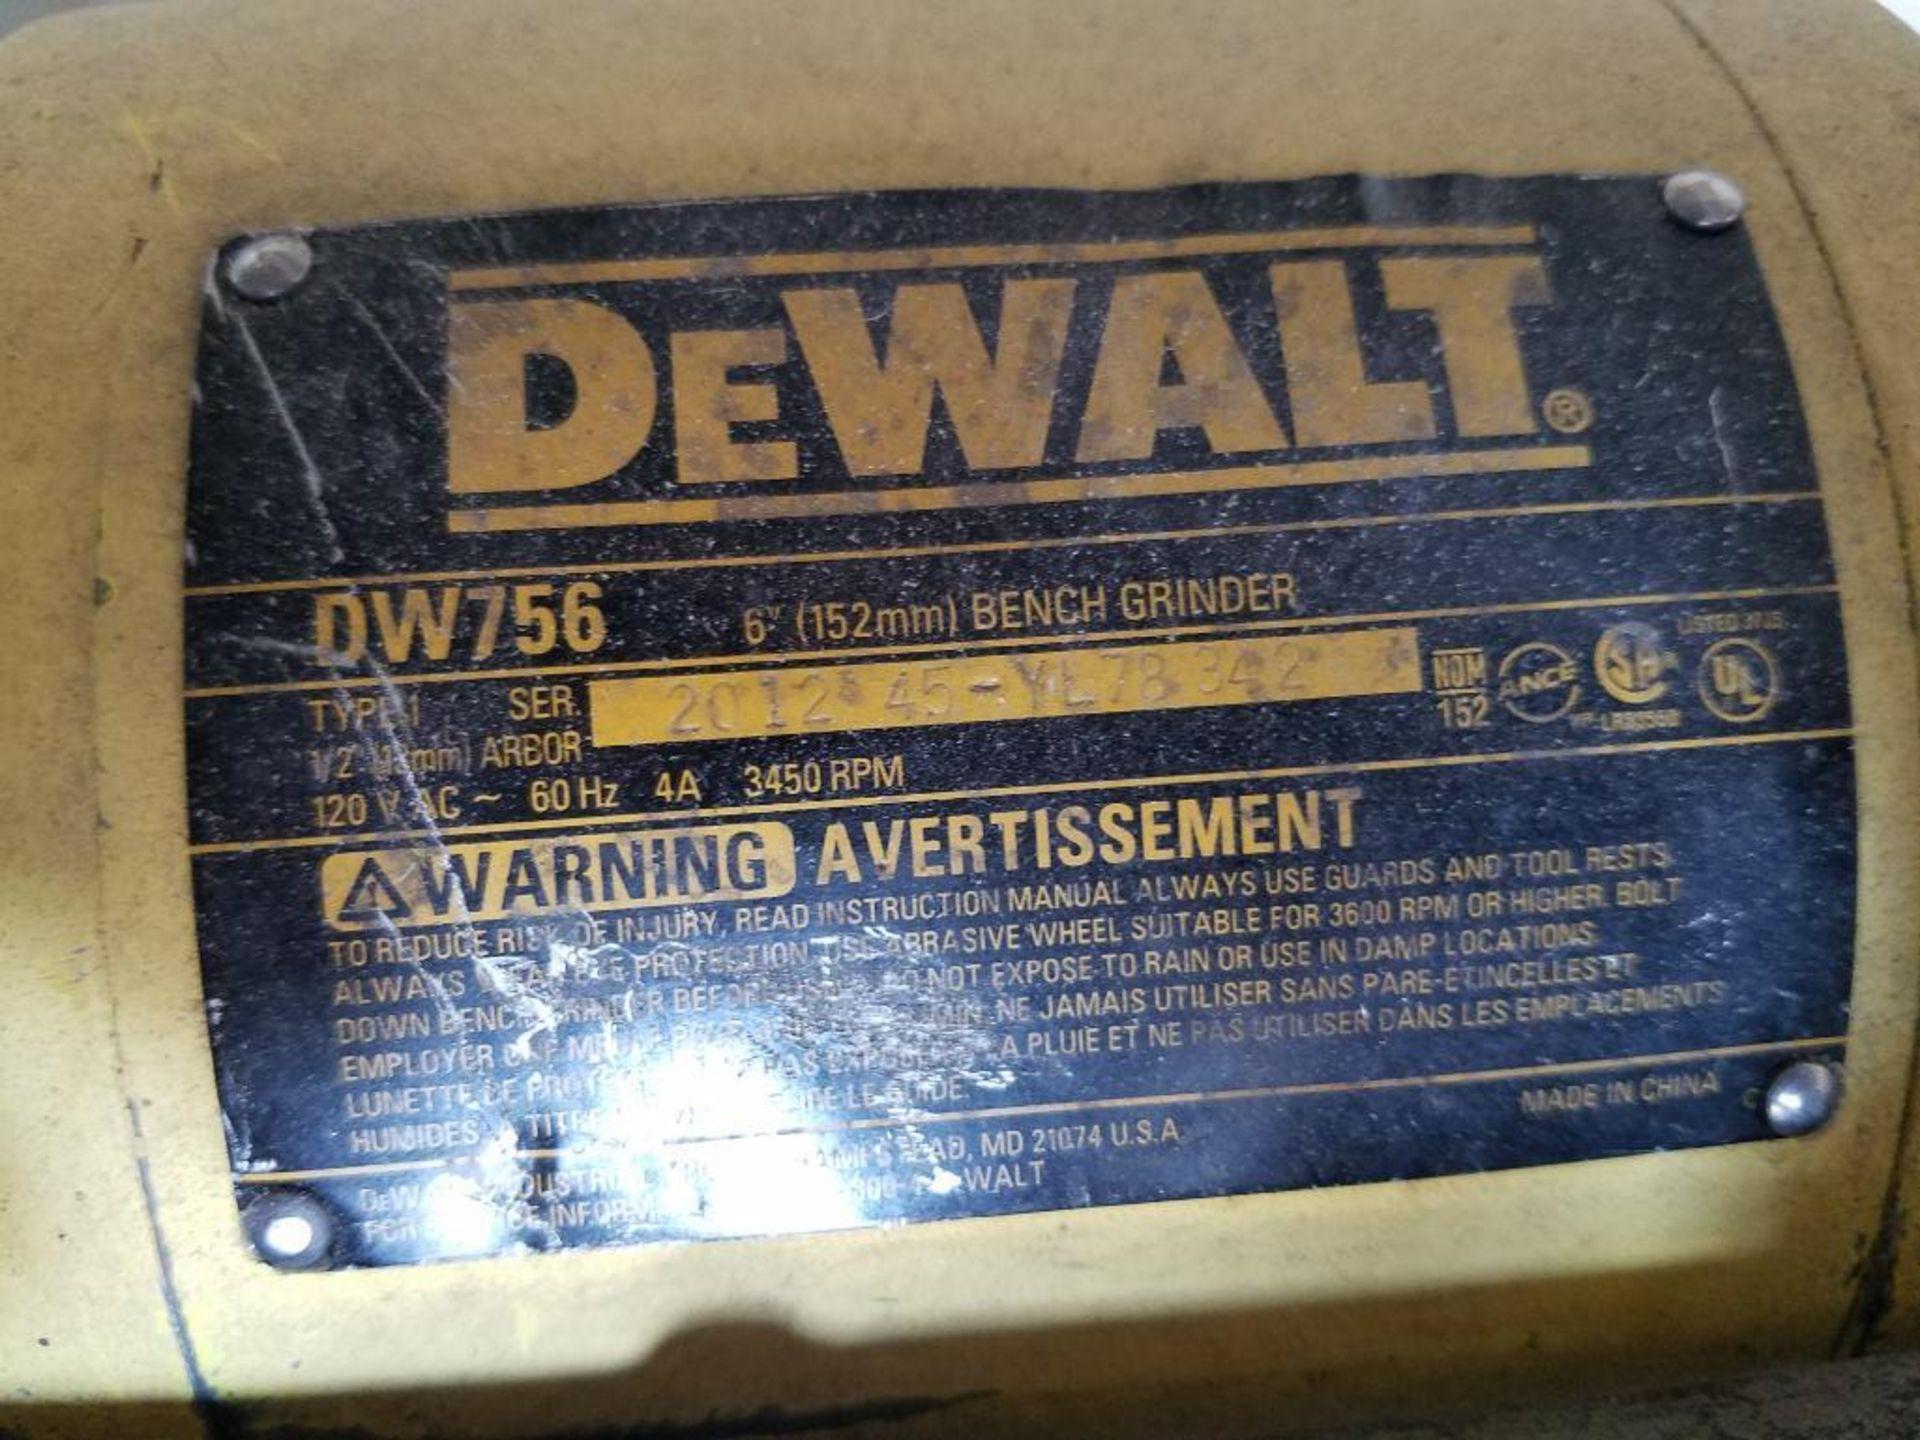 DeWalt double arbor pedestal grinder - Image 3 of 3